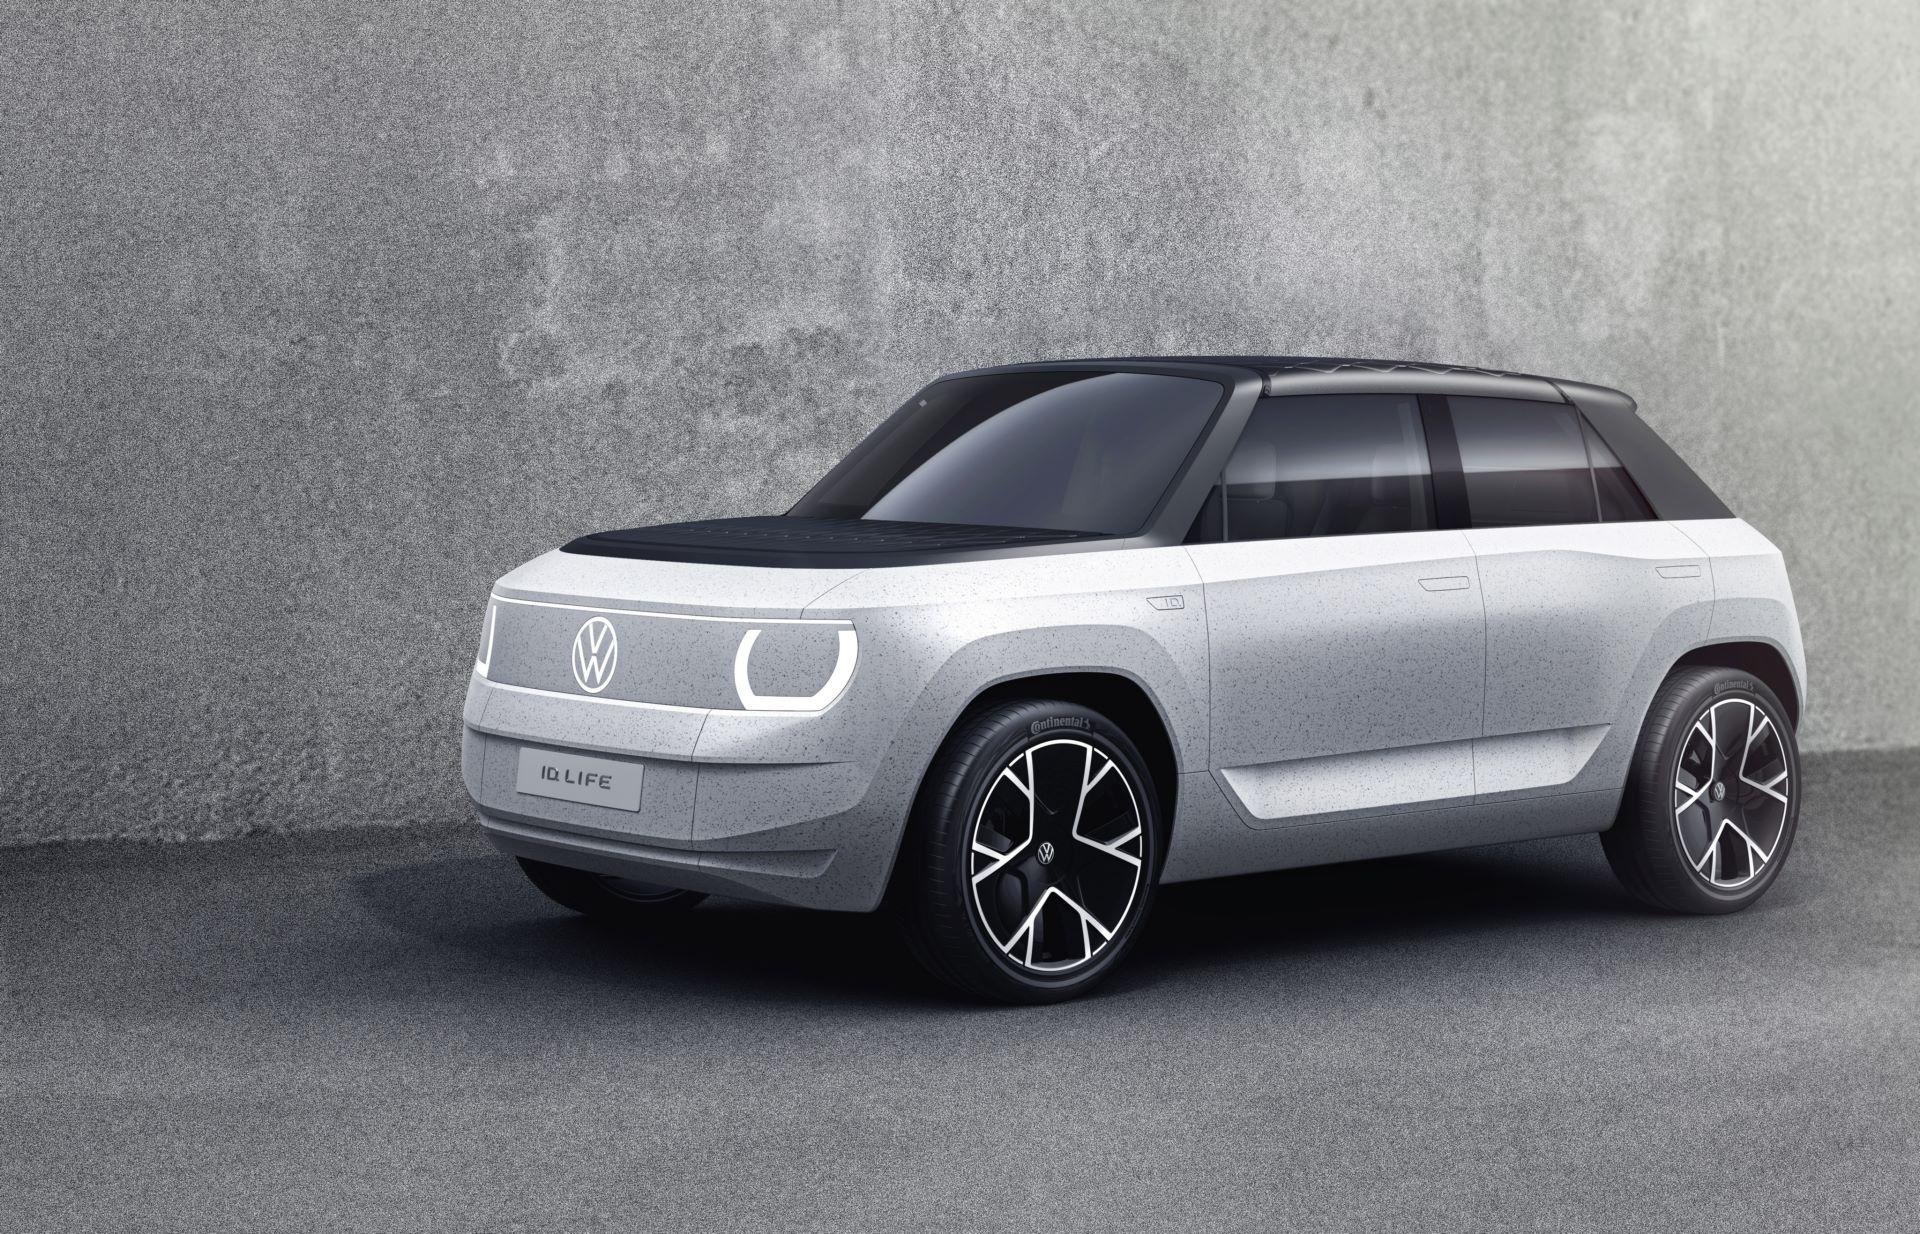 Volkswagen-ID.-Life-concept-7